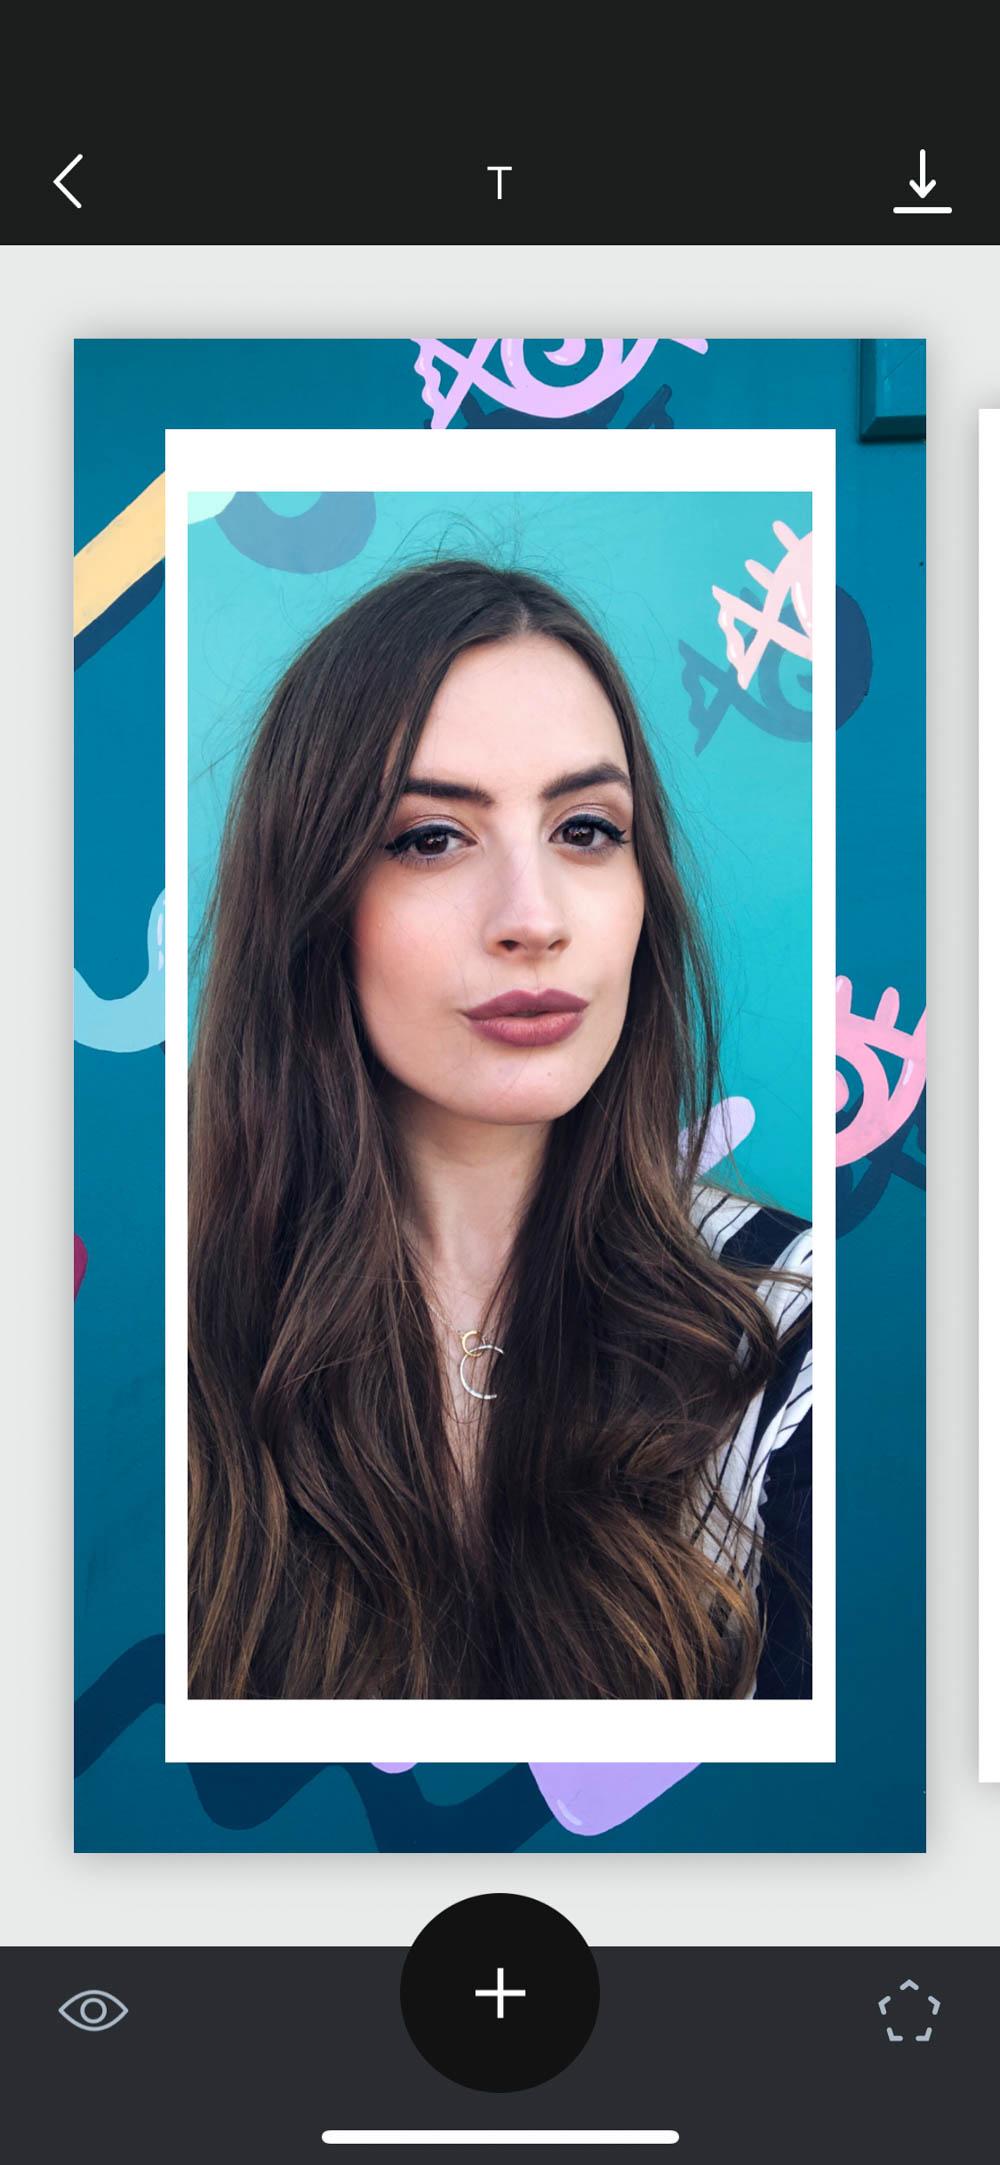 Apps für Instagram Stories-Instagram Vintage Filter-Instagram Apps-Blogger Tipps-Fotografie-andysparkles